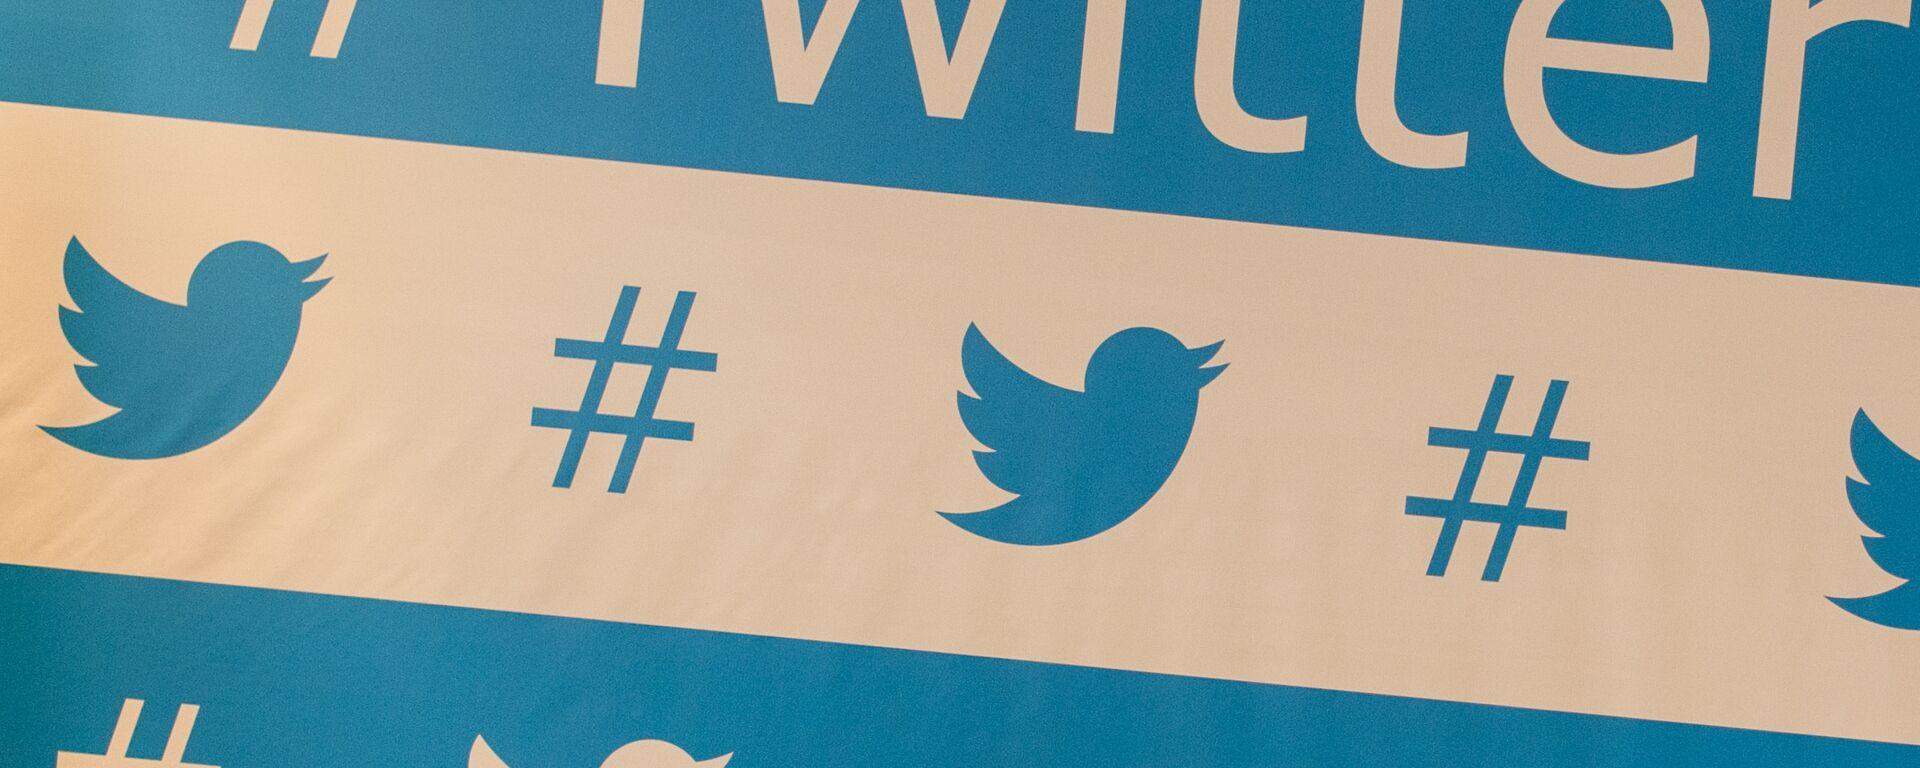 Logo de Twitter - Sputnik Mundo, 1920, 01.03.2021